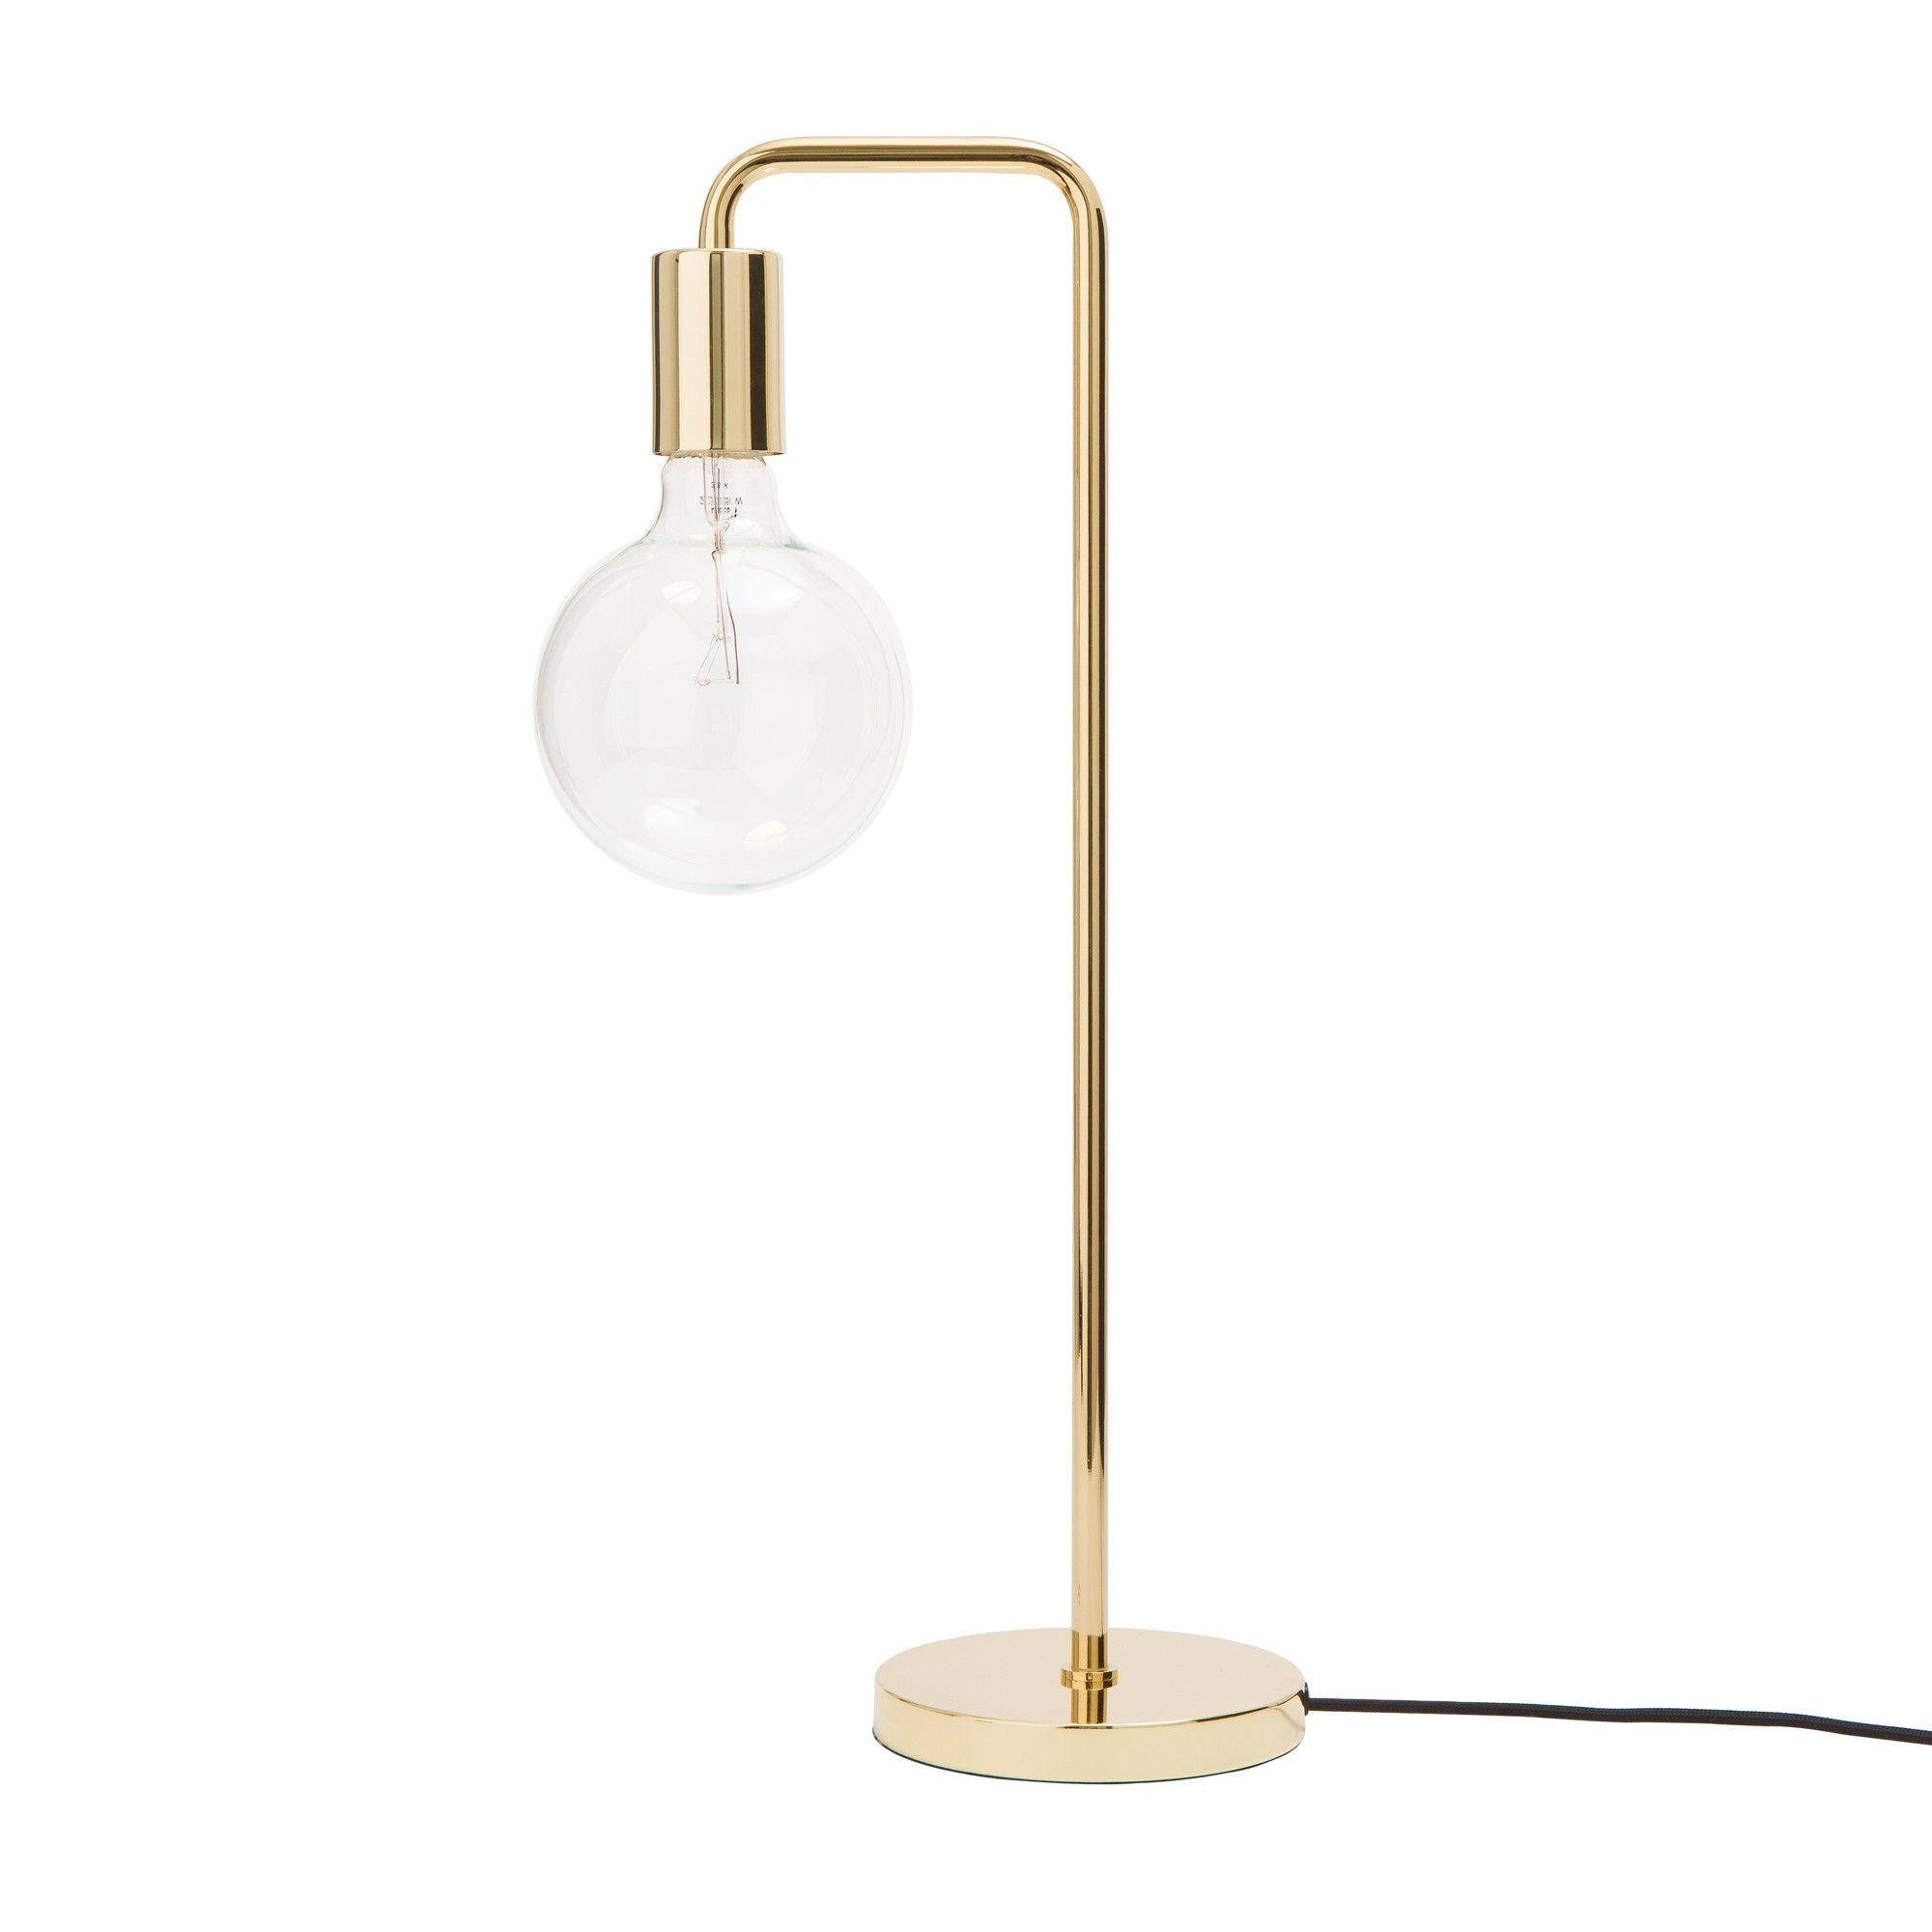 Good  ucp ueF r unsere Tischlampe Vida wird eleganter Edelstahl in d nischem Design verarbeitet Die